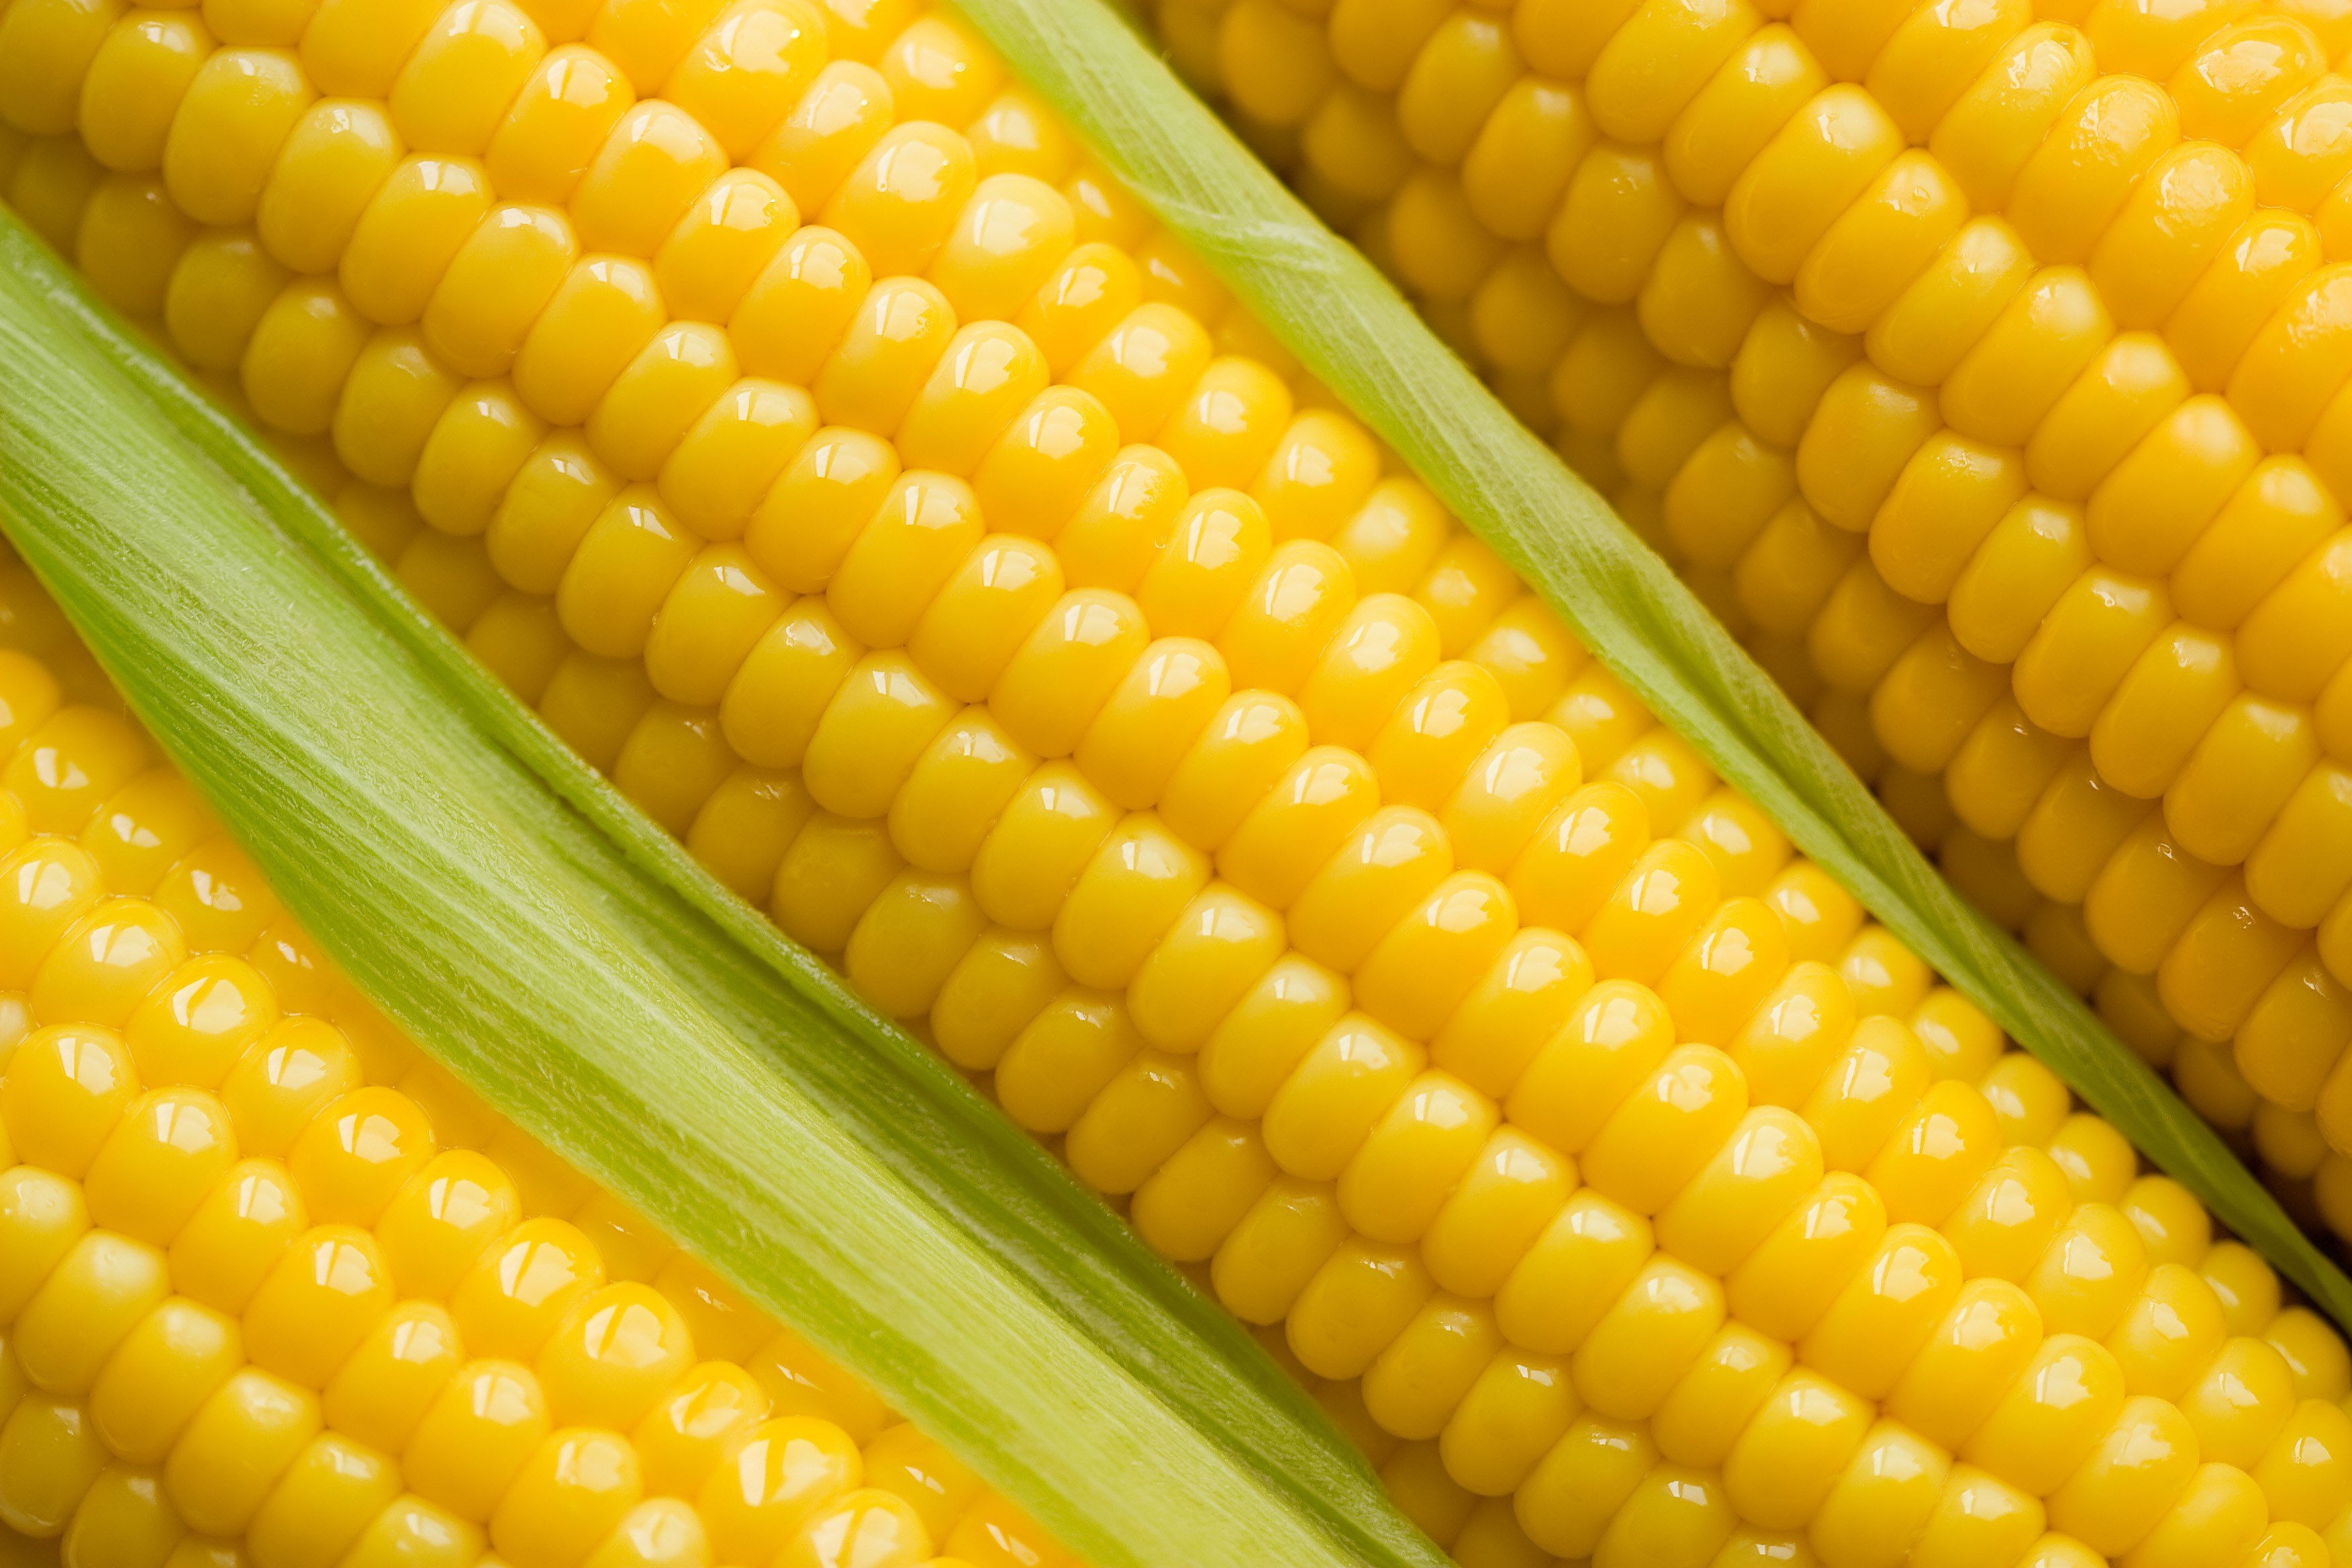 Corn | TARBAX INC